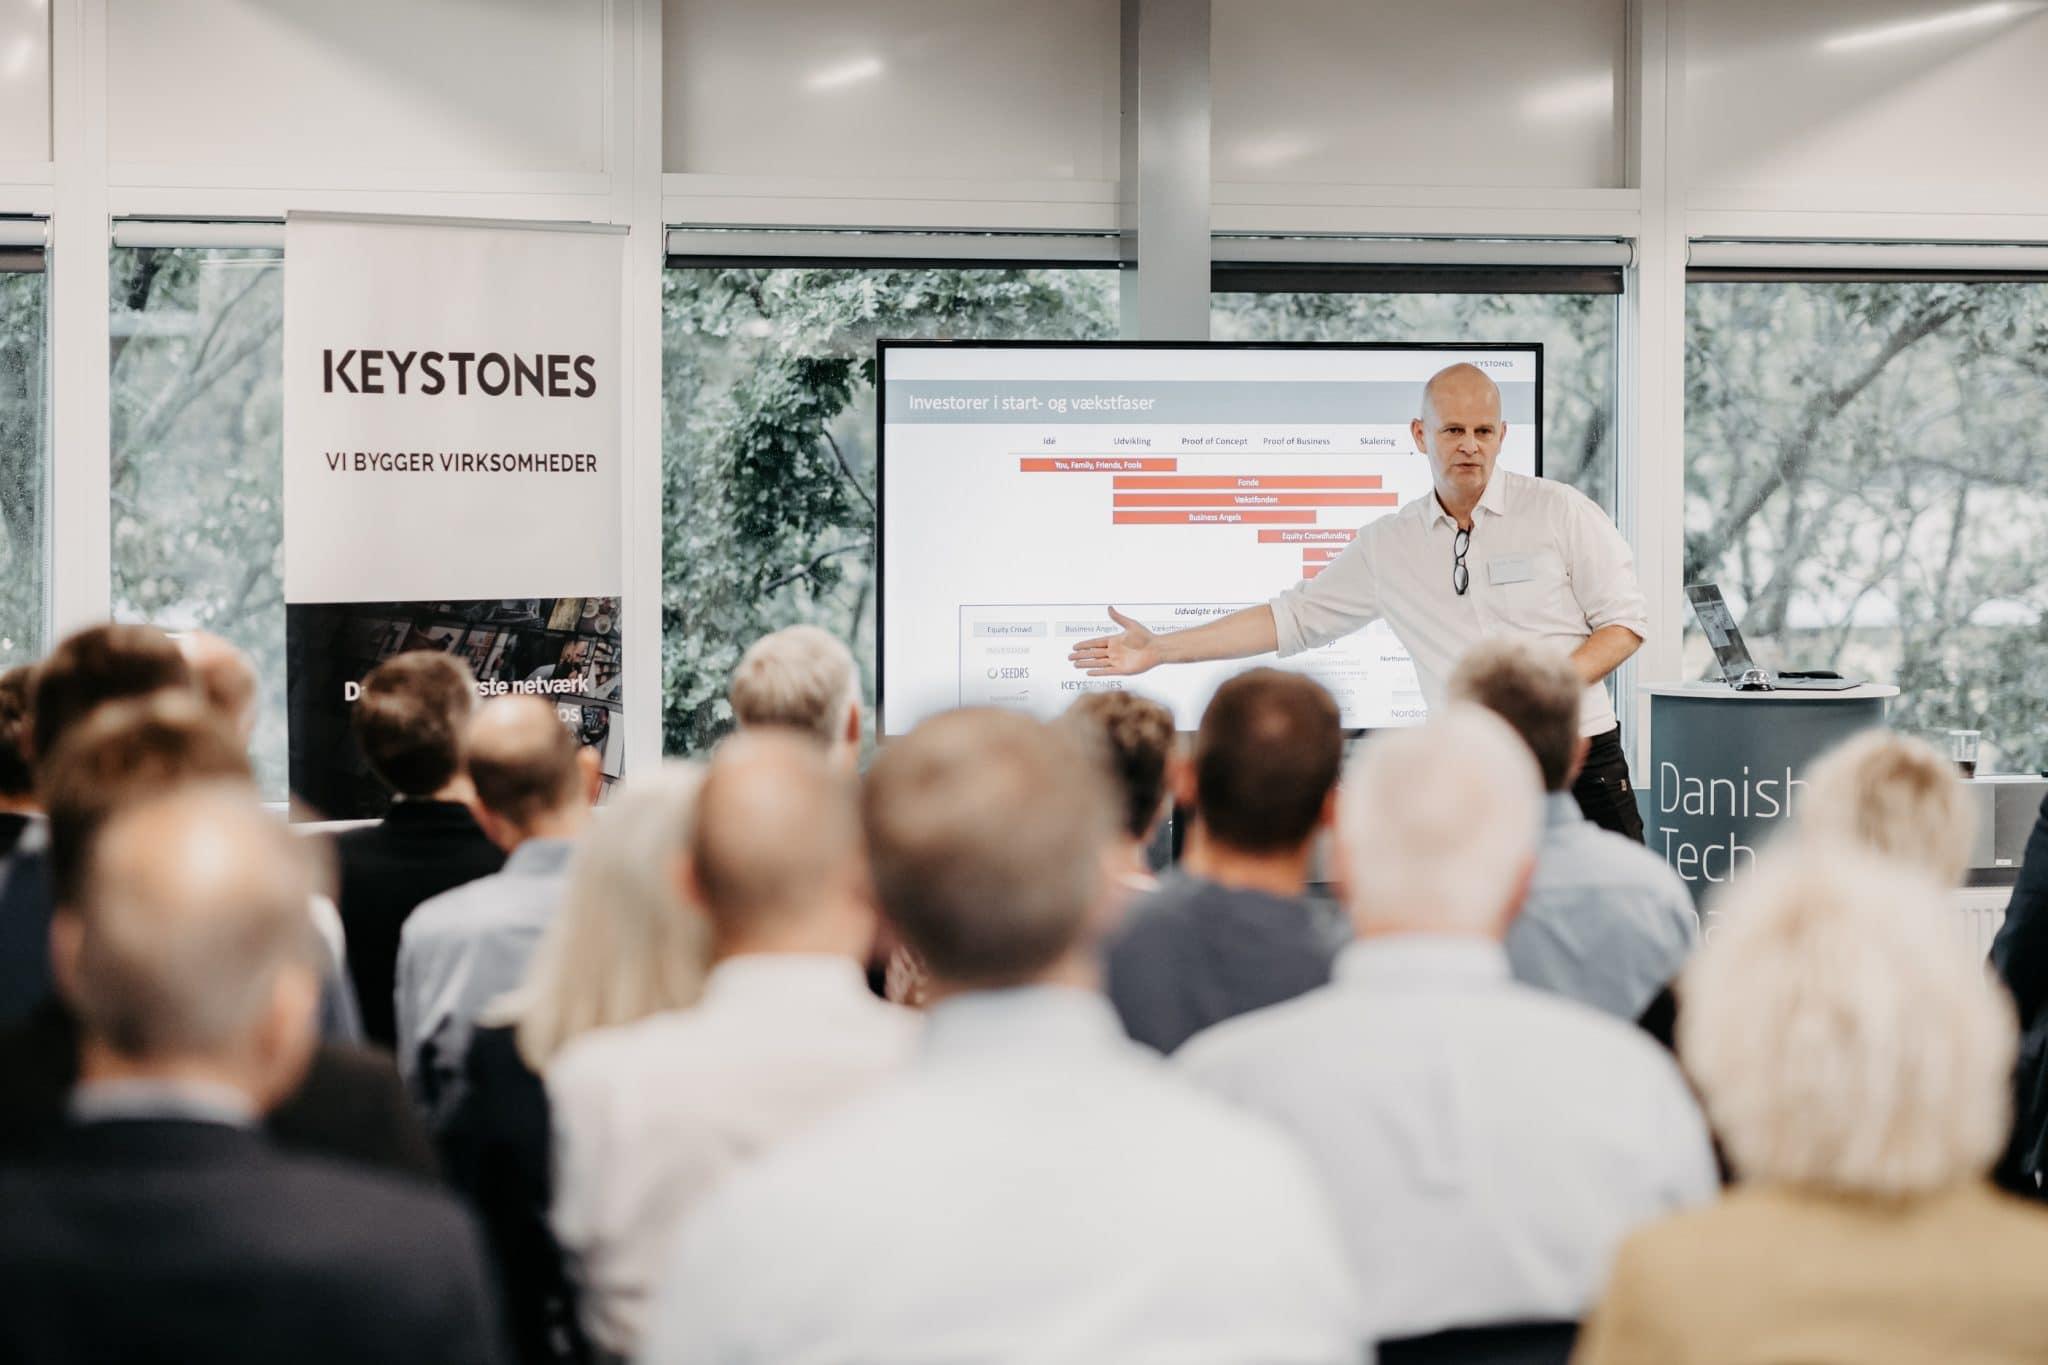 investeringsstrategi, forretningsmodeller, 20 forretningsmodeller, Toolbox, Keystones, medlemsmøde, pitch, iværksætteri, investor, investering i startups, Toolbox, Keystones, medlemsmøde, pitch, iværksætteri, investor, investering i startups, Kenneth Larsen